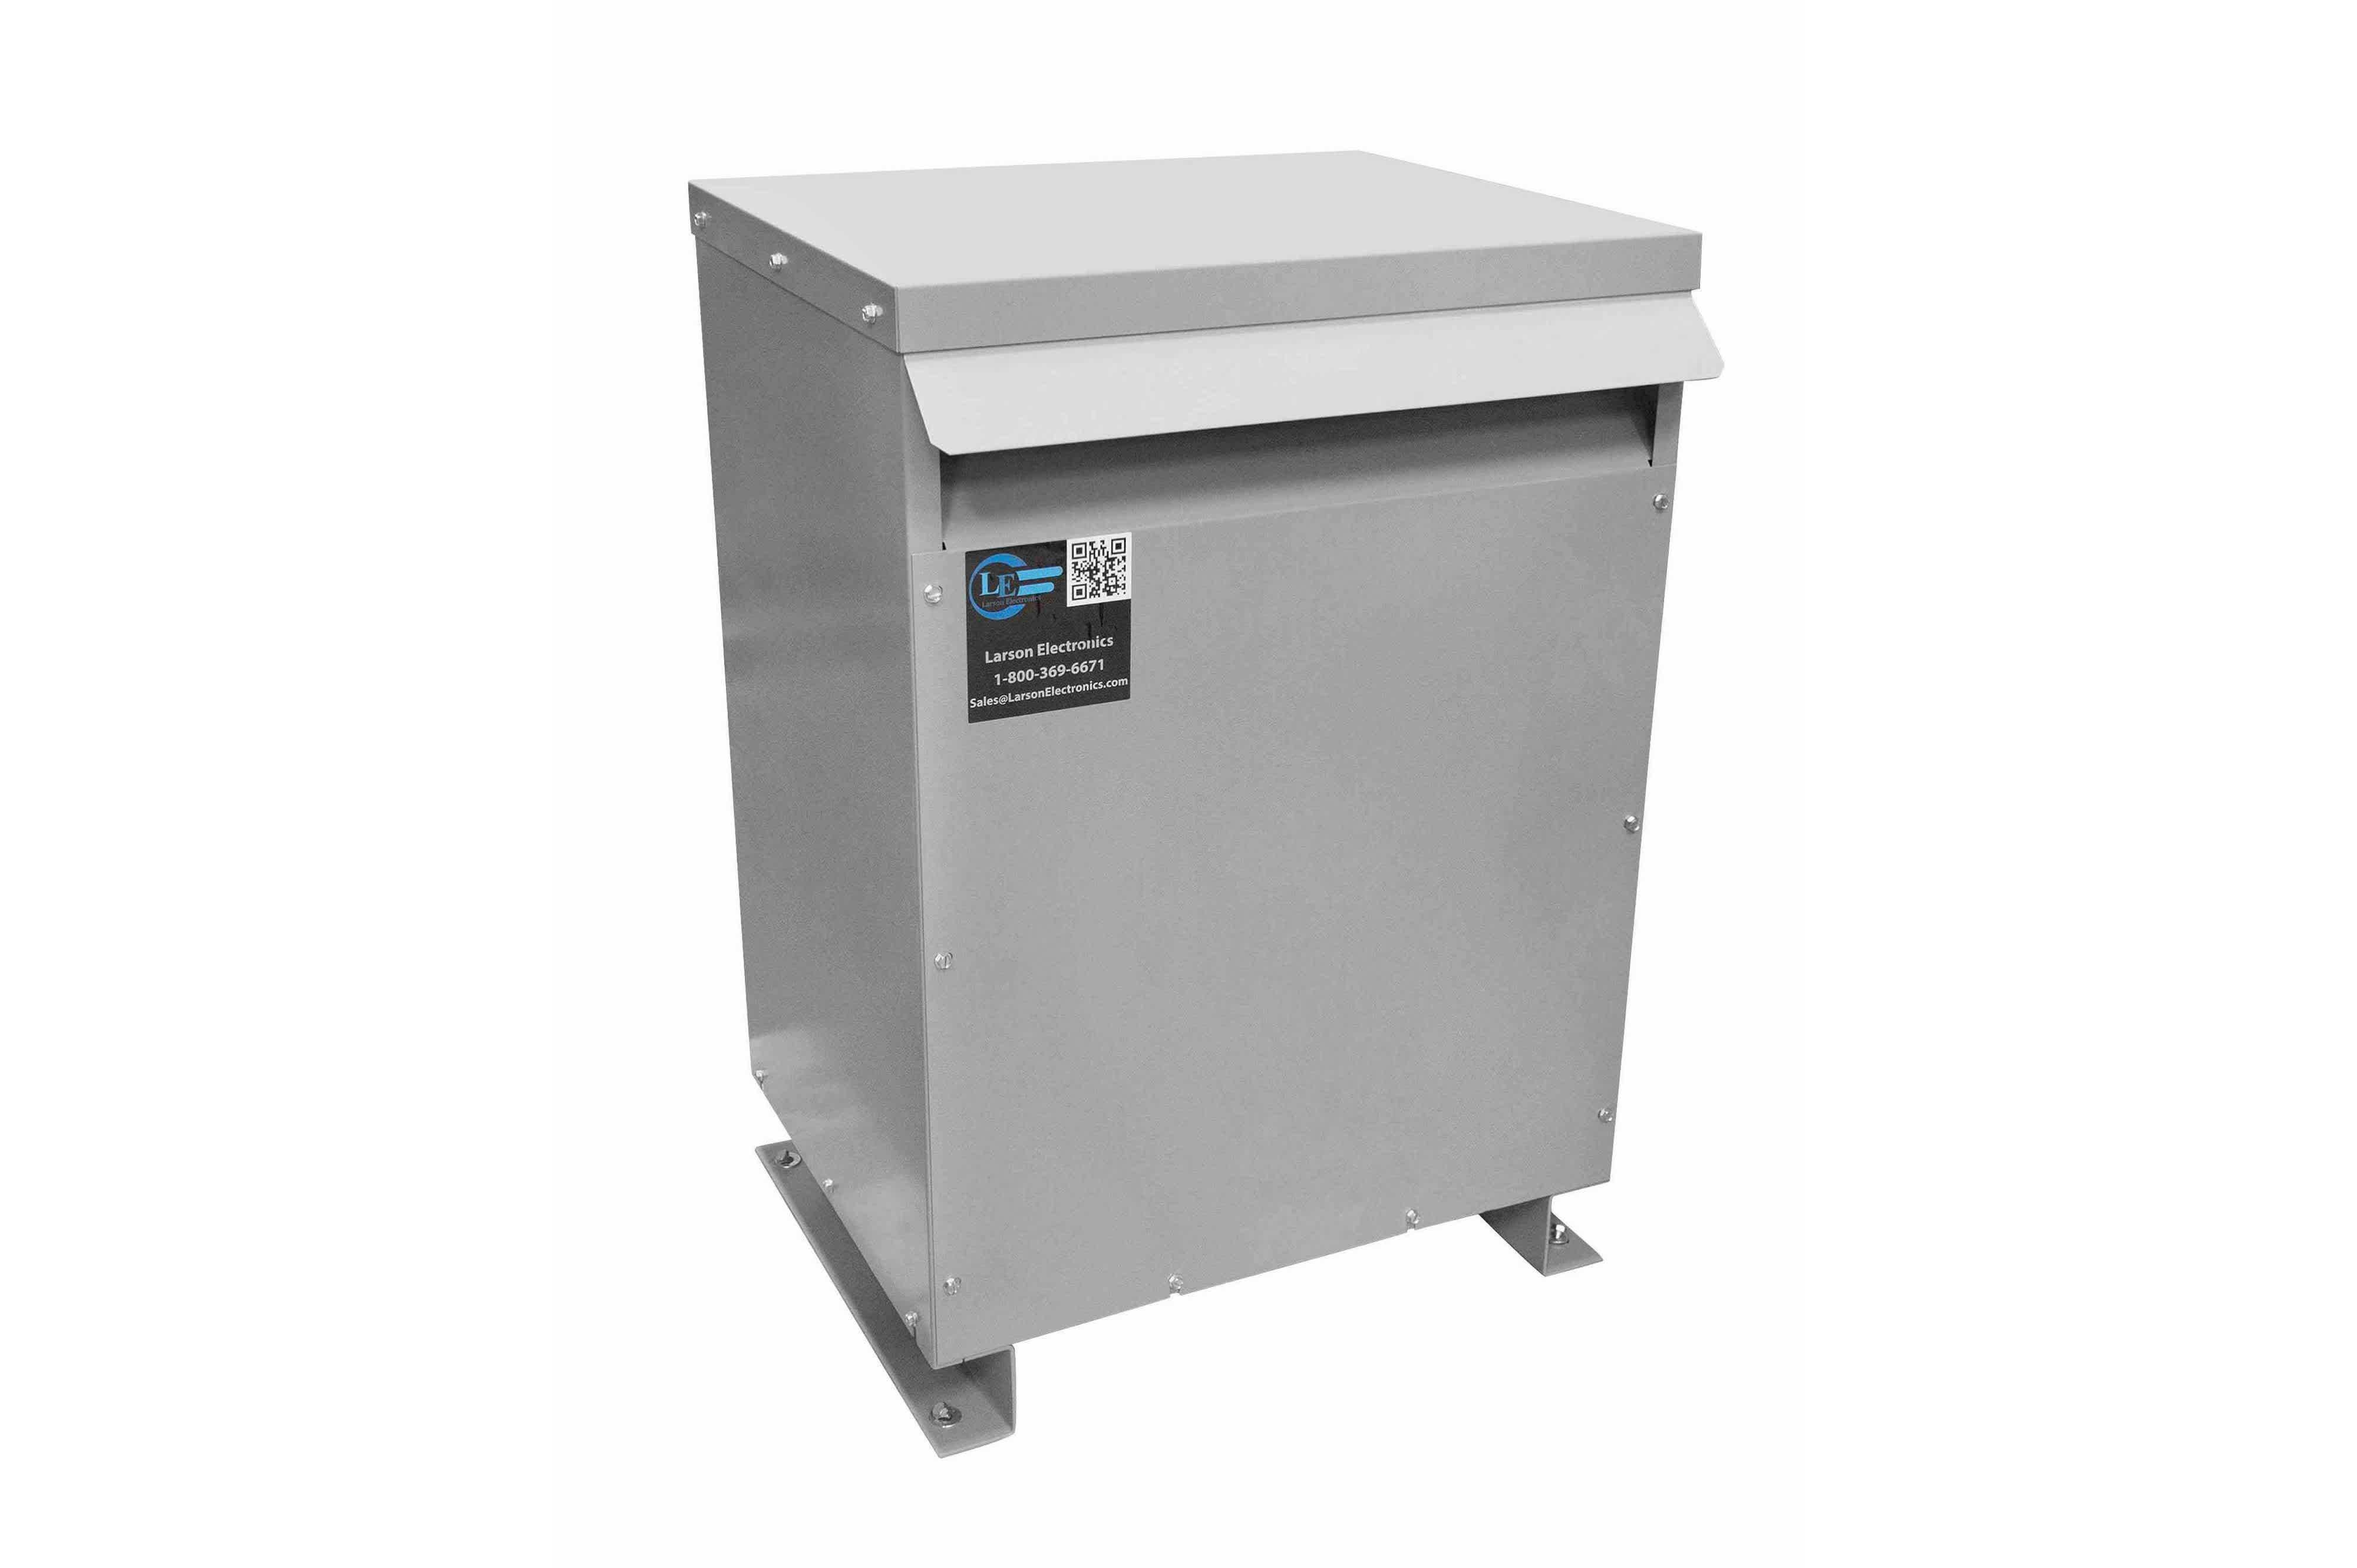 900 kVA 3PH Isolation Transformer, 240V Delta Primary, 600V Delta Secondary, N3R, Ventilated, 60 Hz